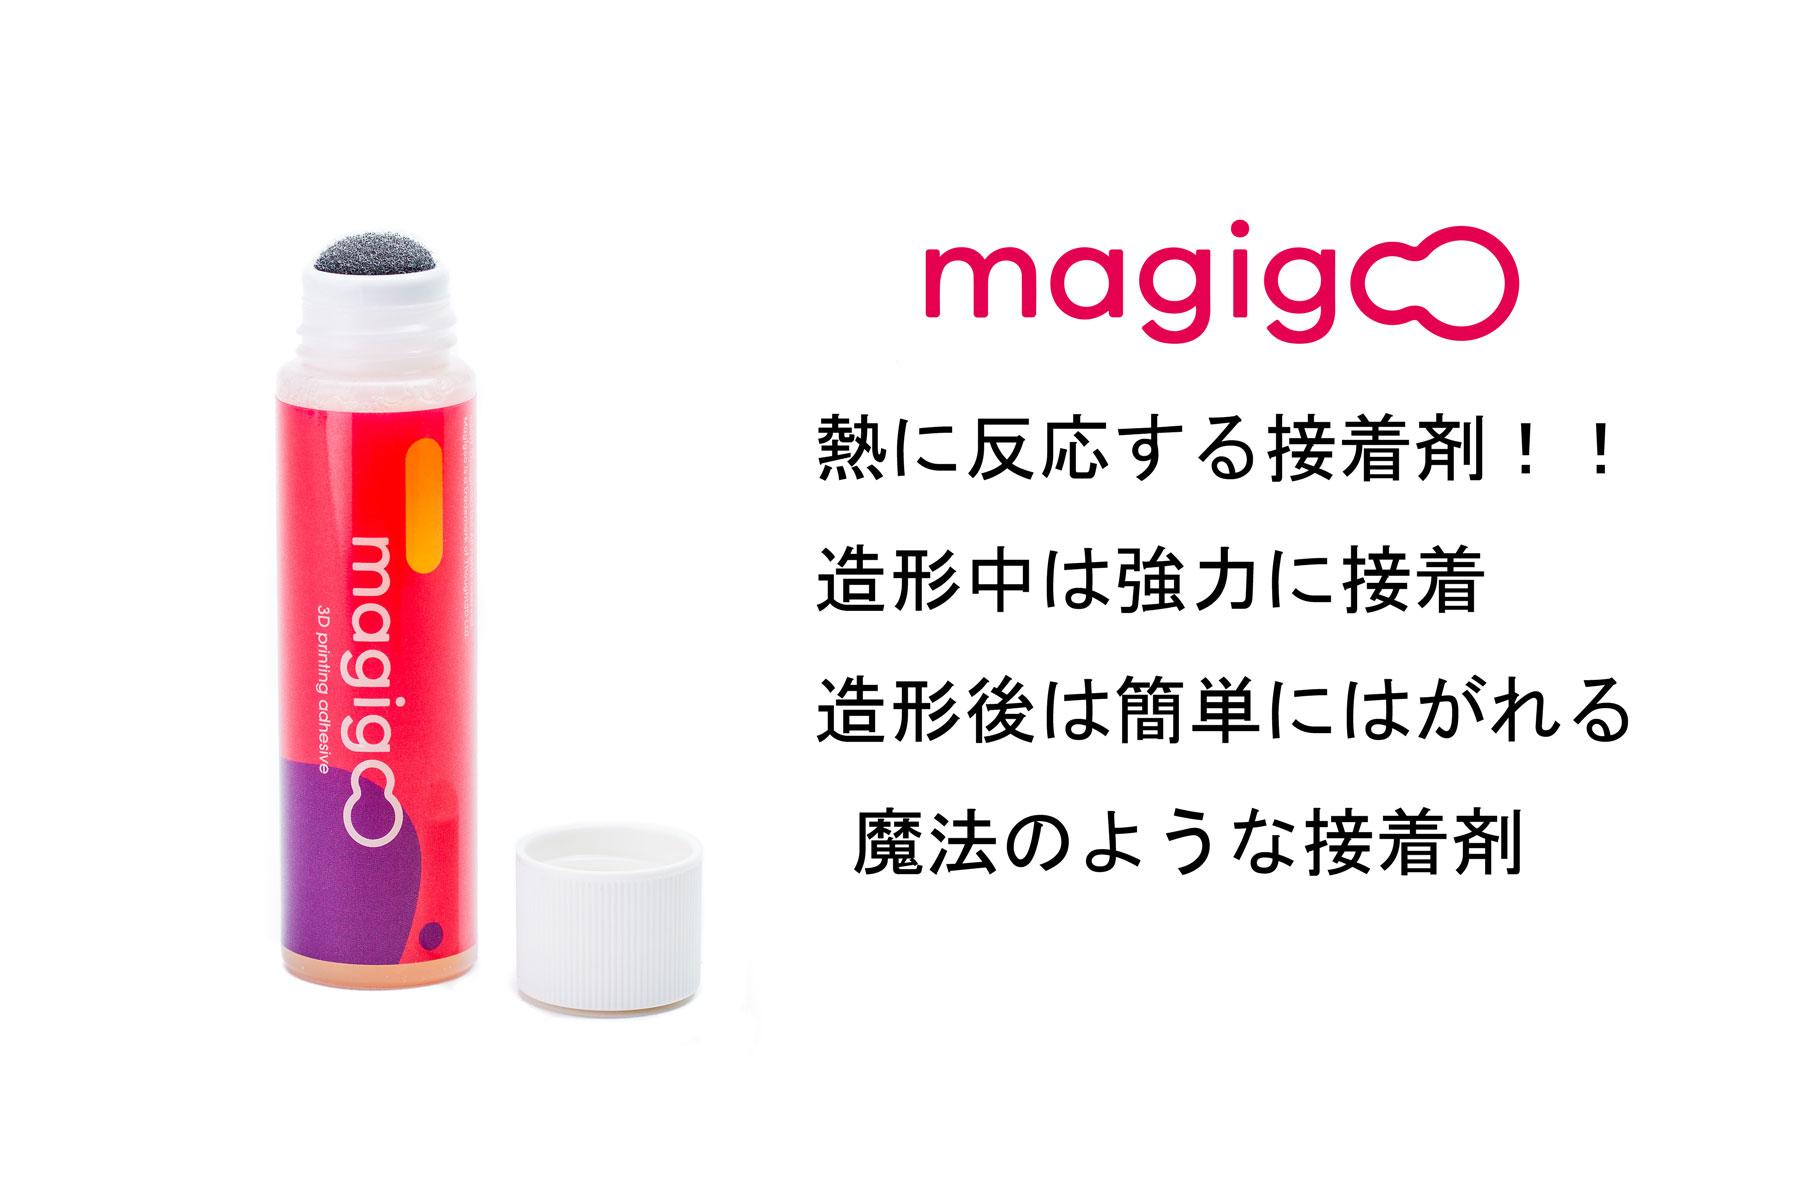 魔法のような接着剤 Magigoo画像